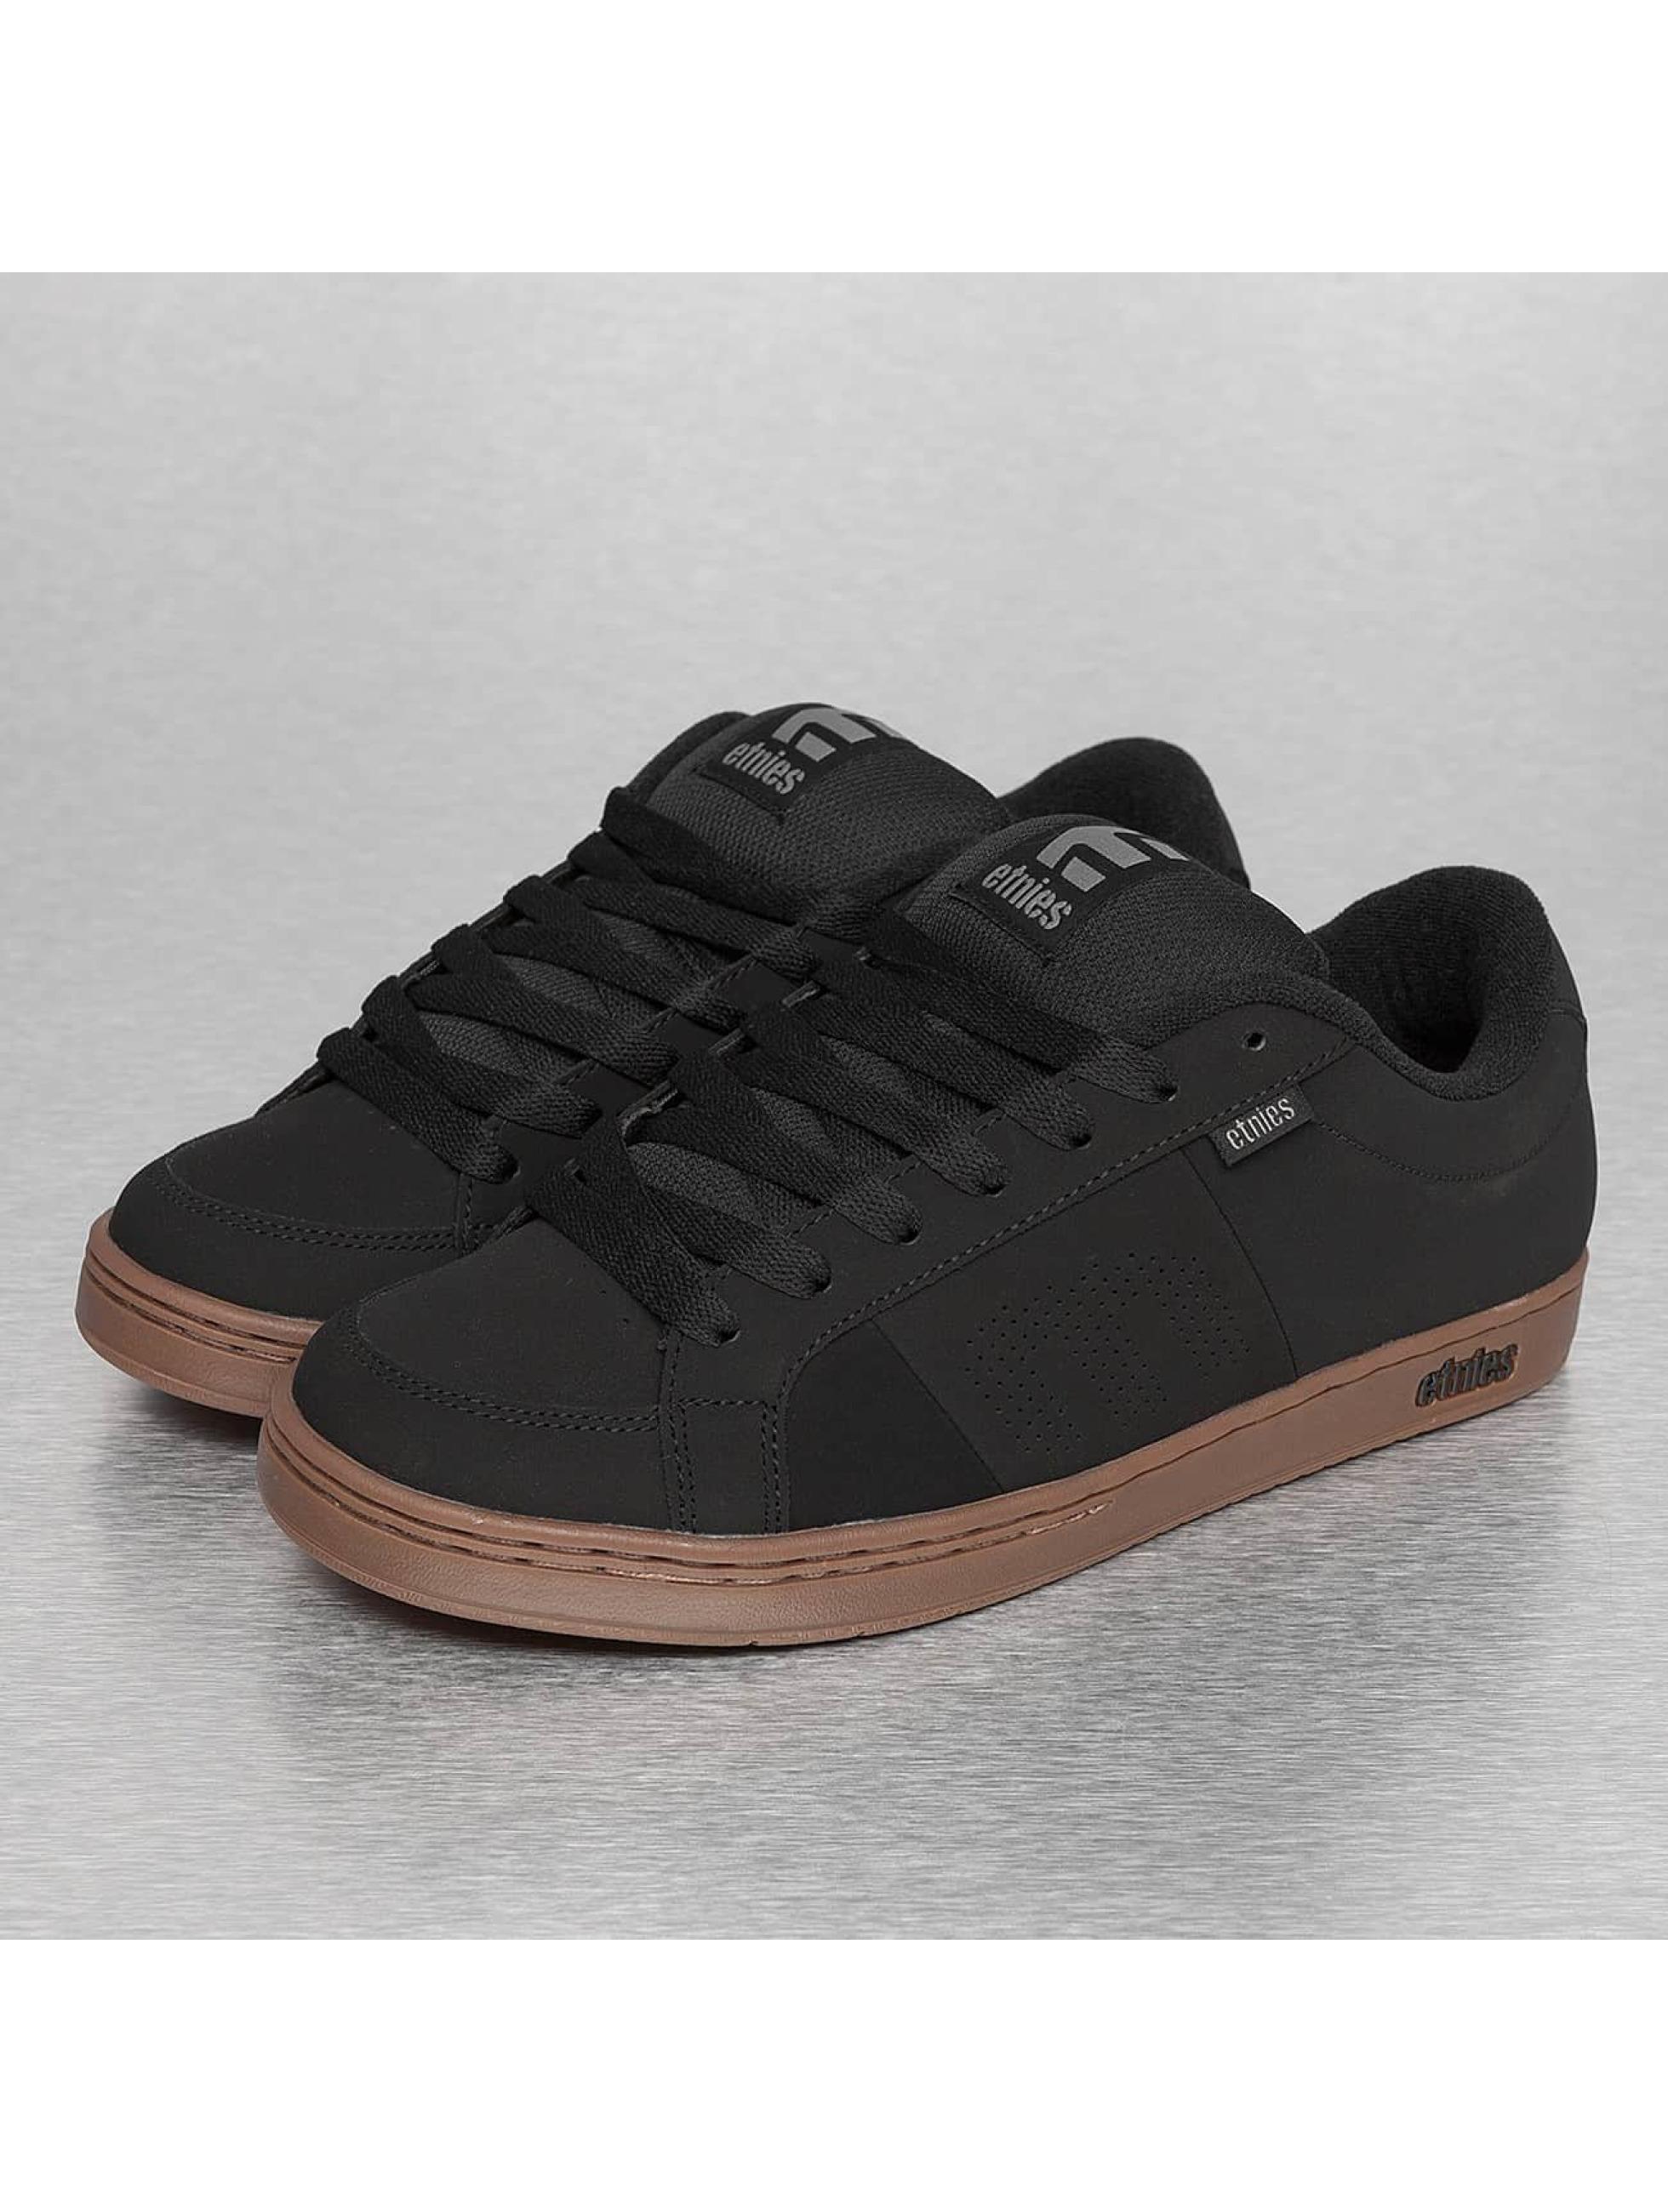 Etnies Kingpin Sneakers Black Gum Grey